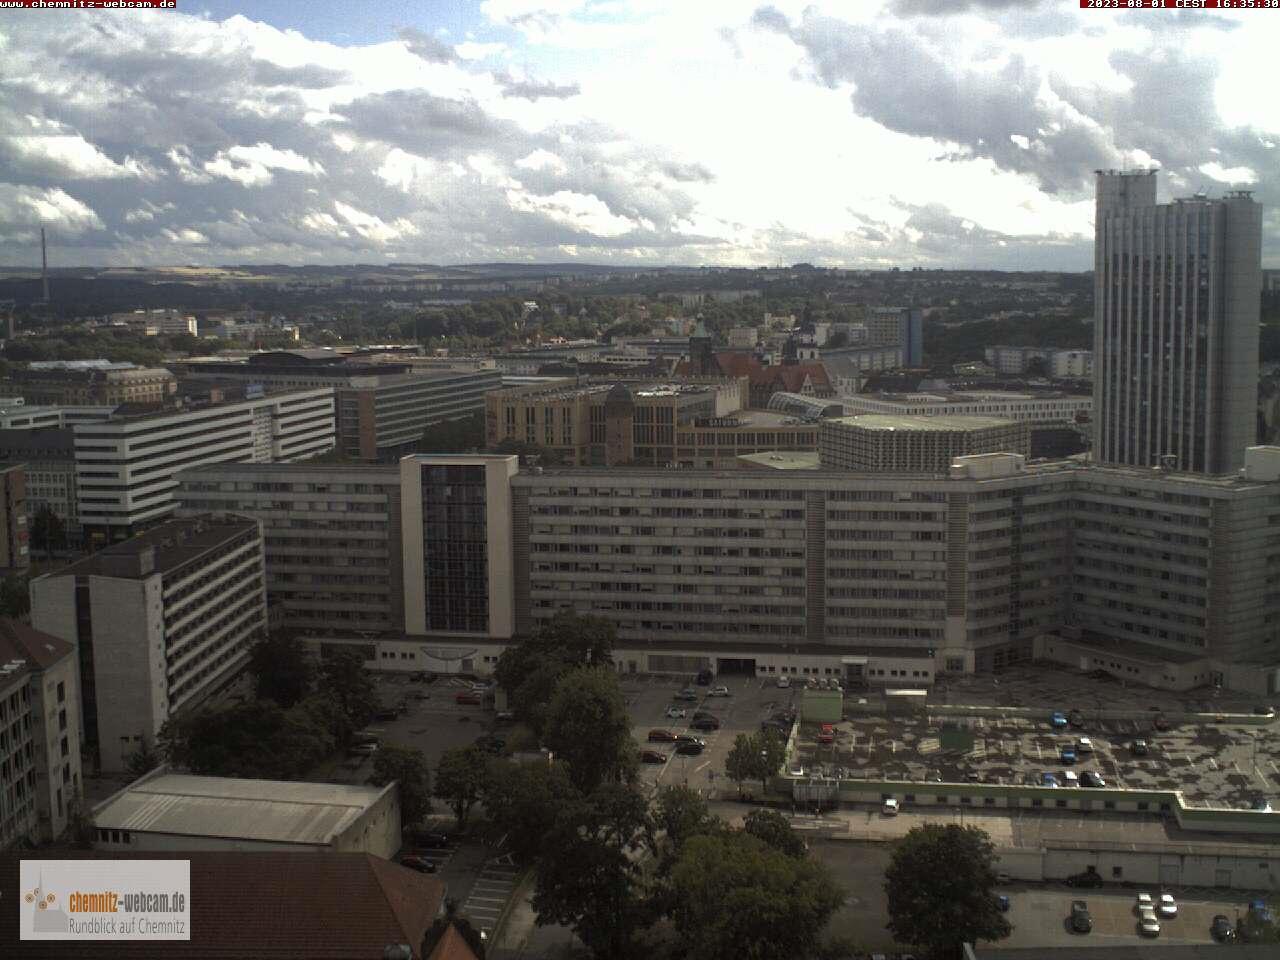 Chemnitz Sat. 16:45